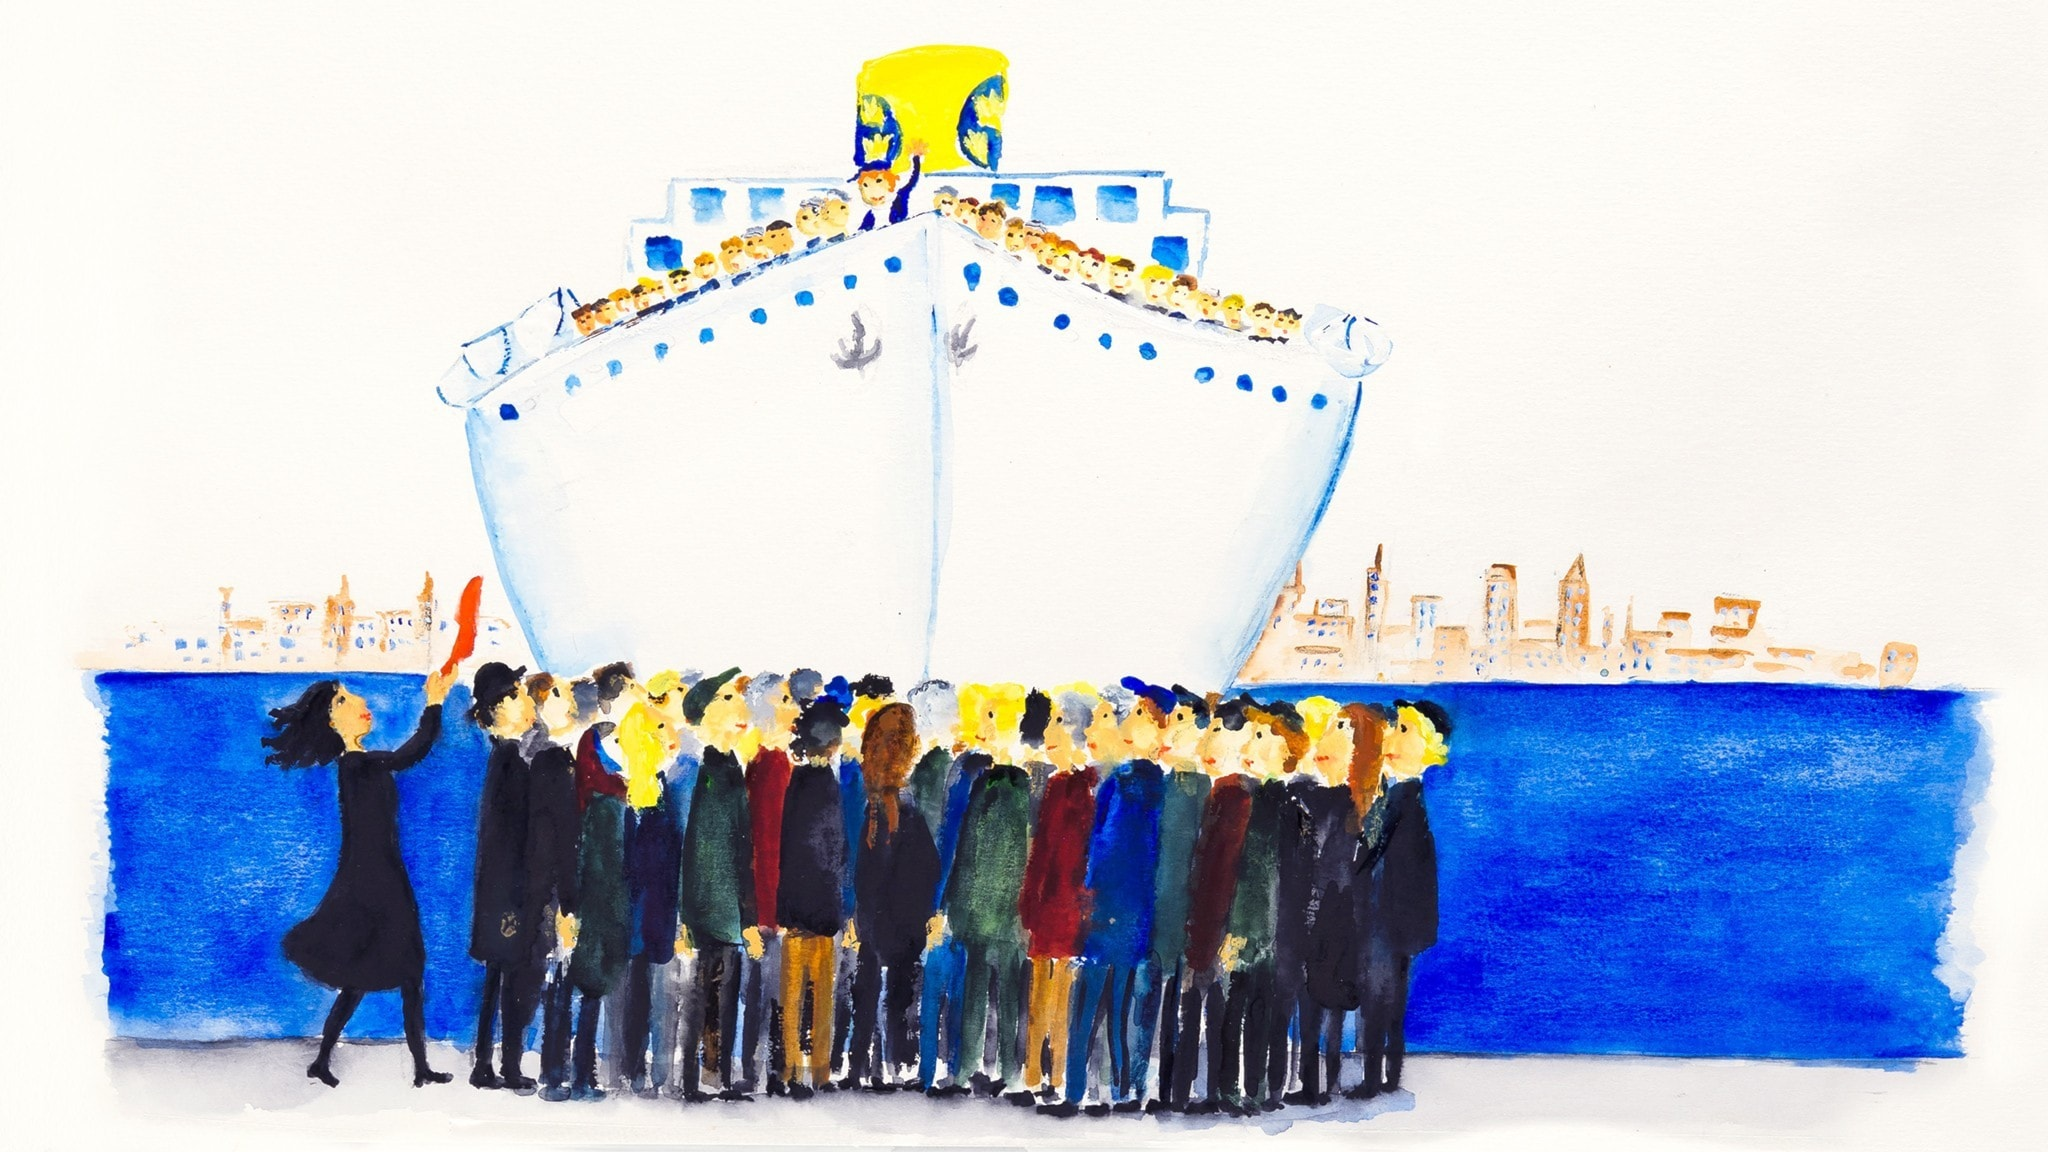 Eli kommer till Luli med Amerikabåten. Bild: Rebecka Lagercrantz